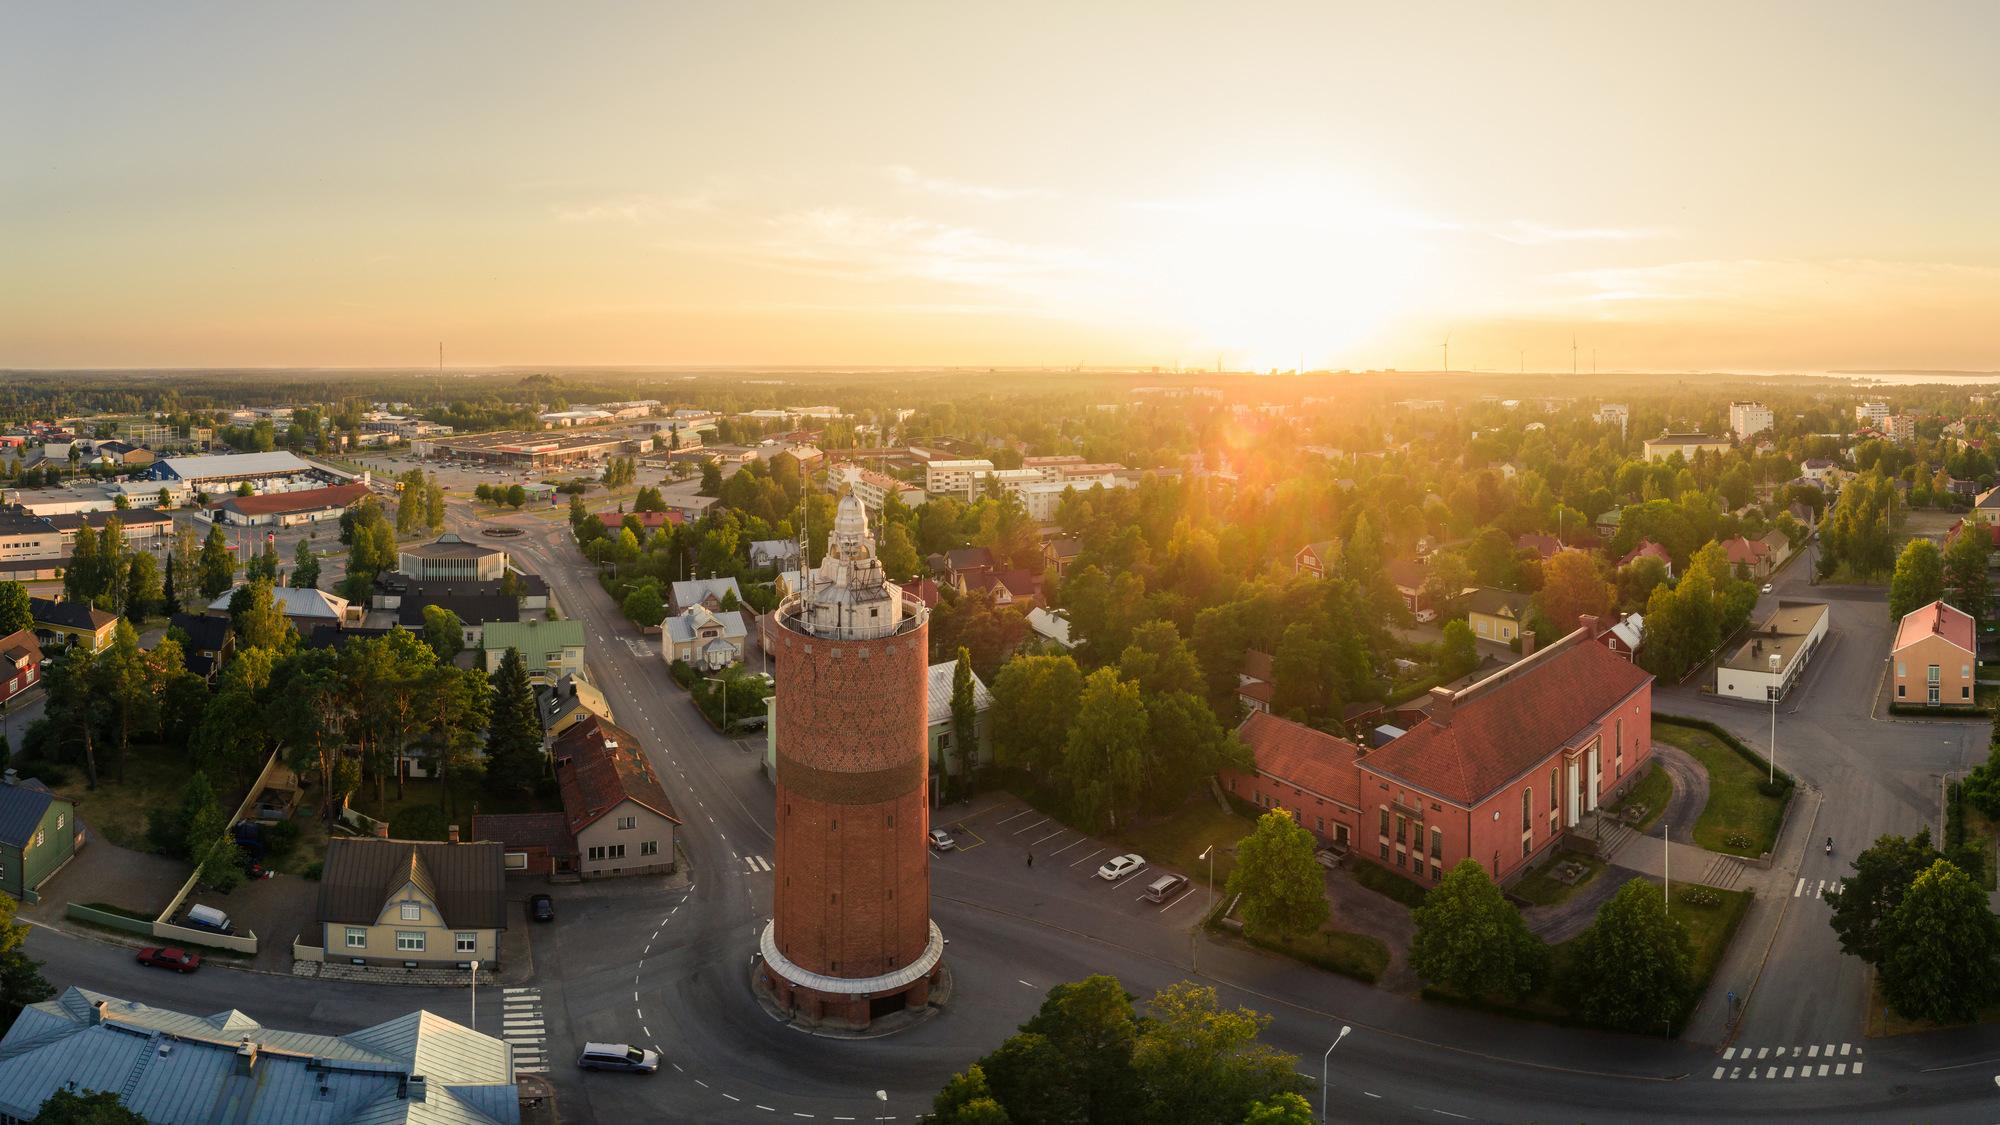 Yläviistosta otettu kuva, jonka etualalla on vanha vesitorni ja sen vieressä oleva Vartiolinna. Taustalla levittäytyy kaupunkinäkymä meren suuntaan